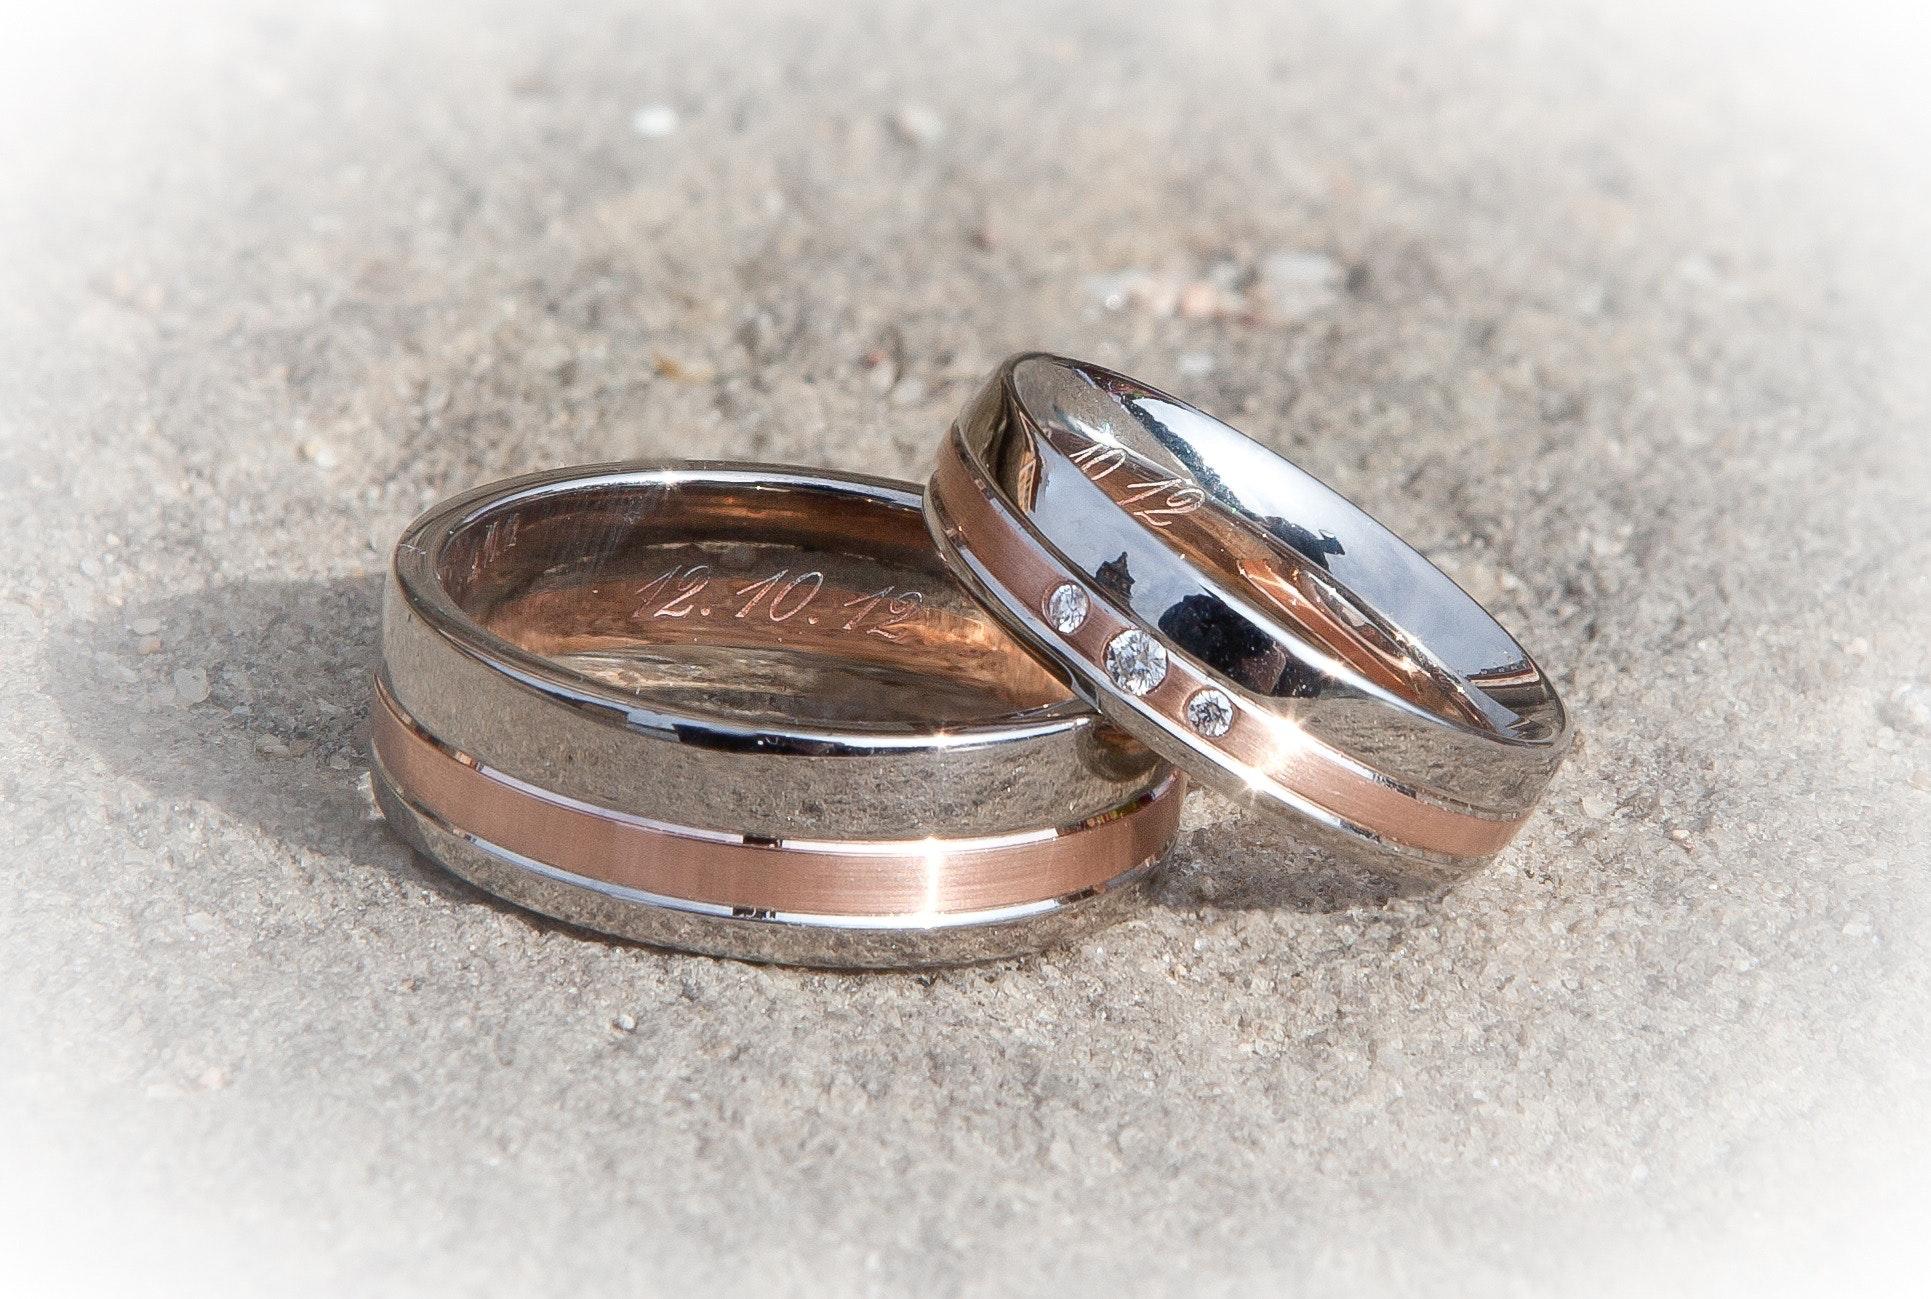 Rüyada Eski Sevgiliyle Nişanlandığını Görmek